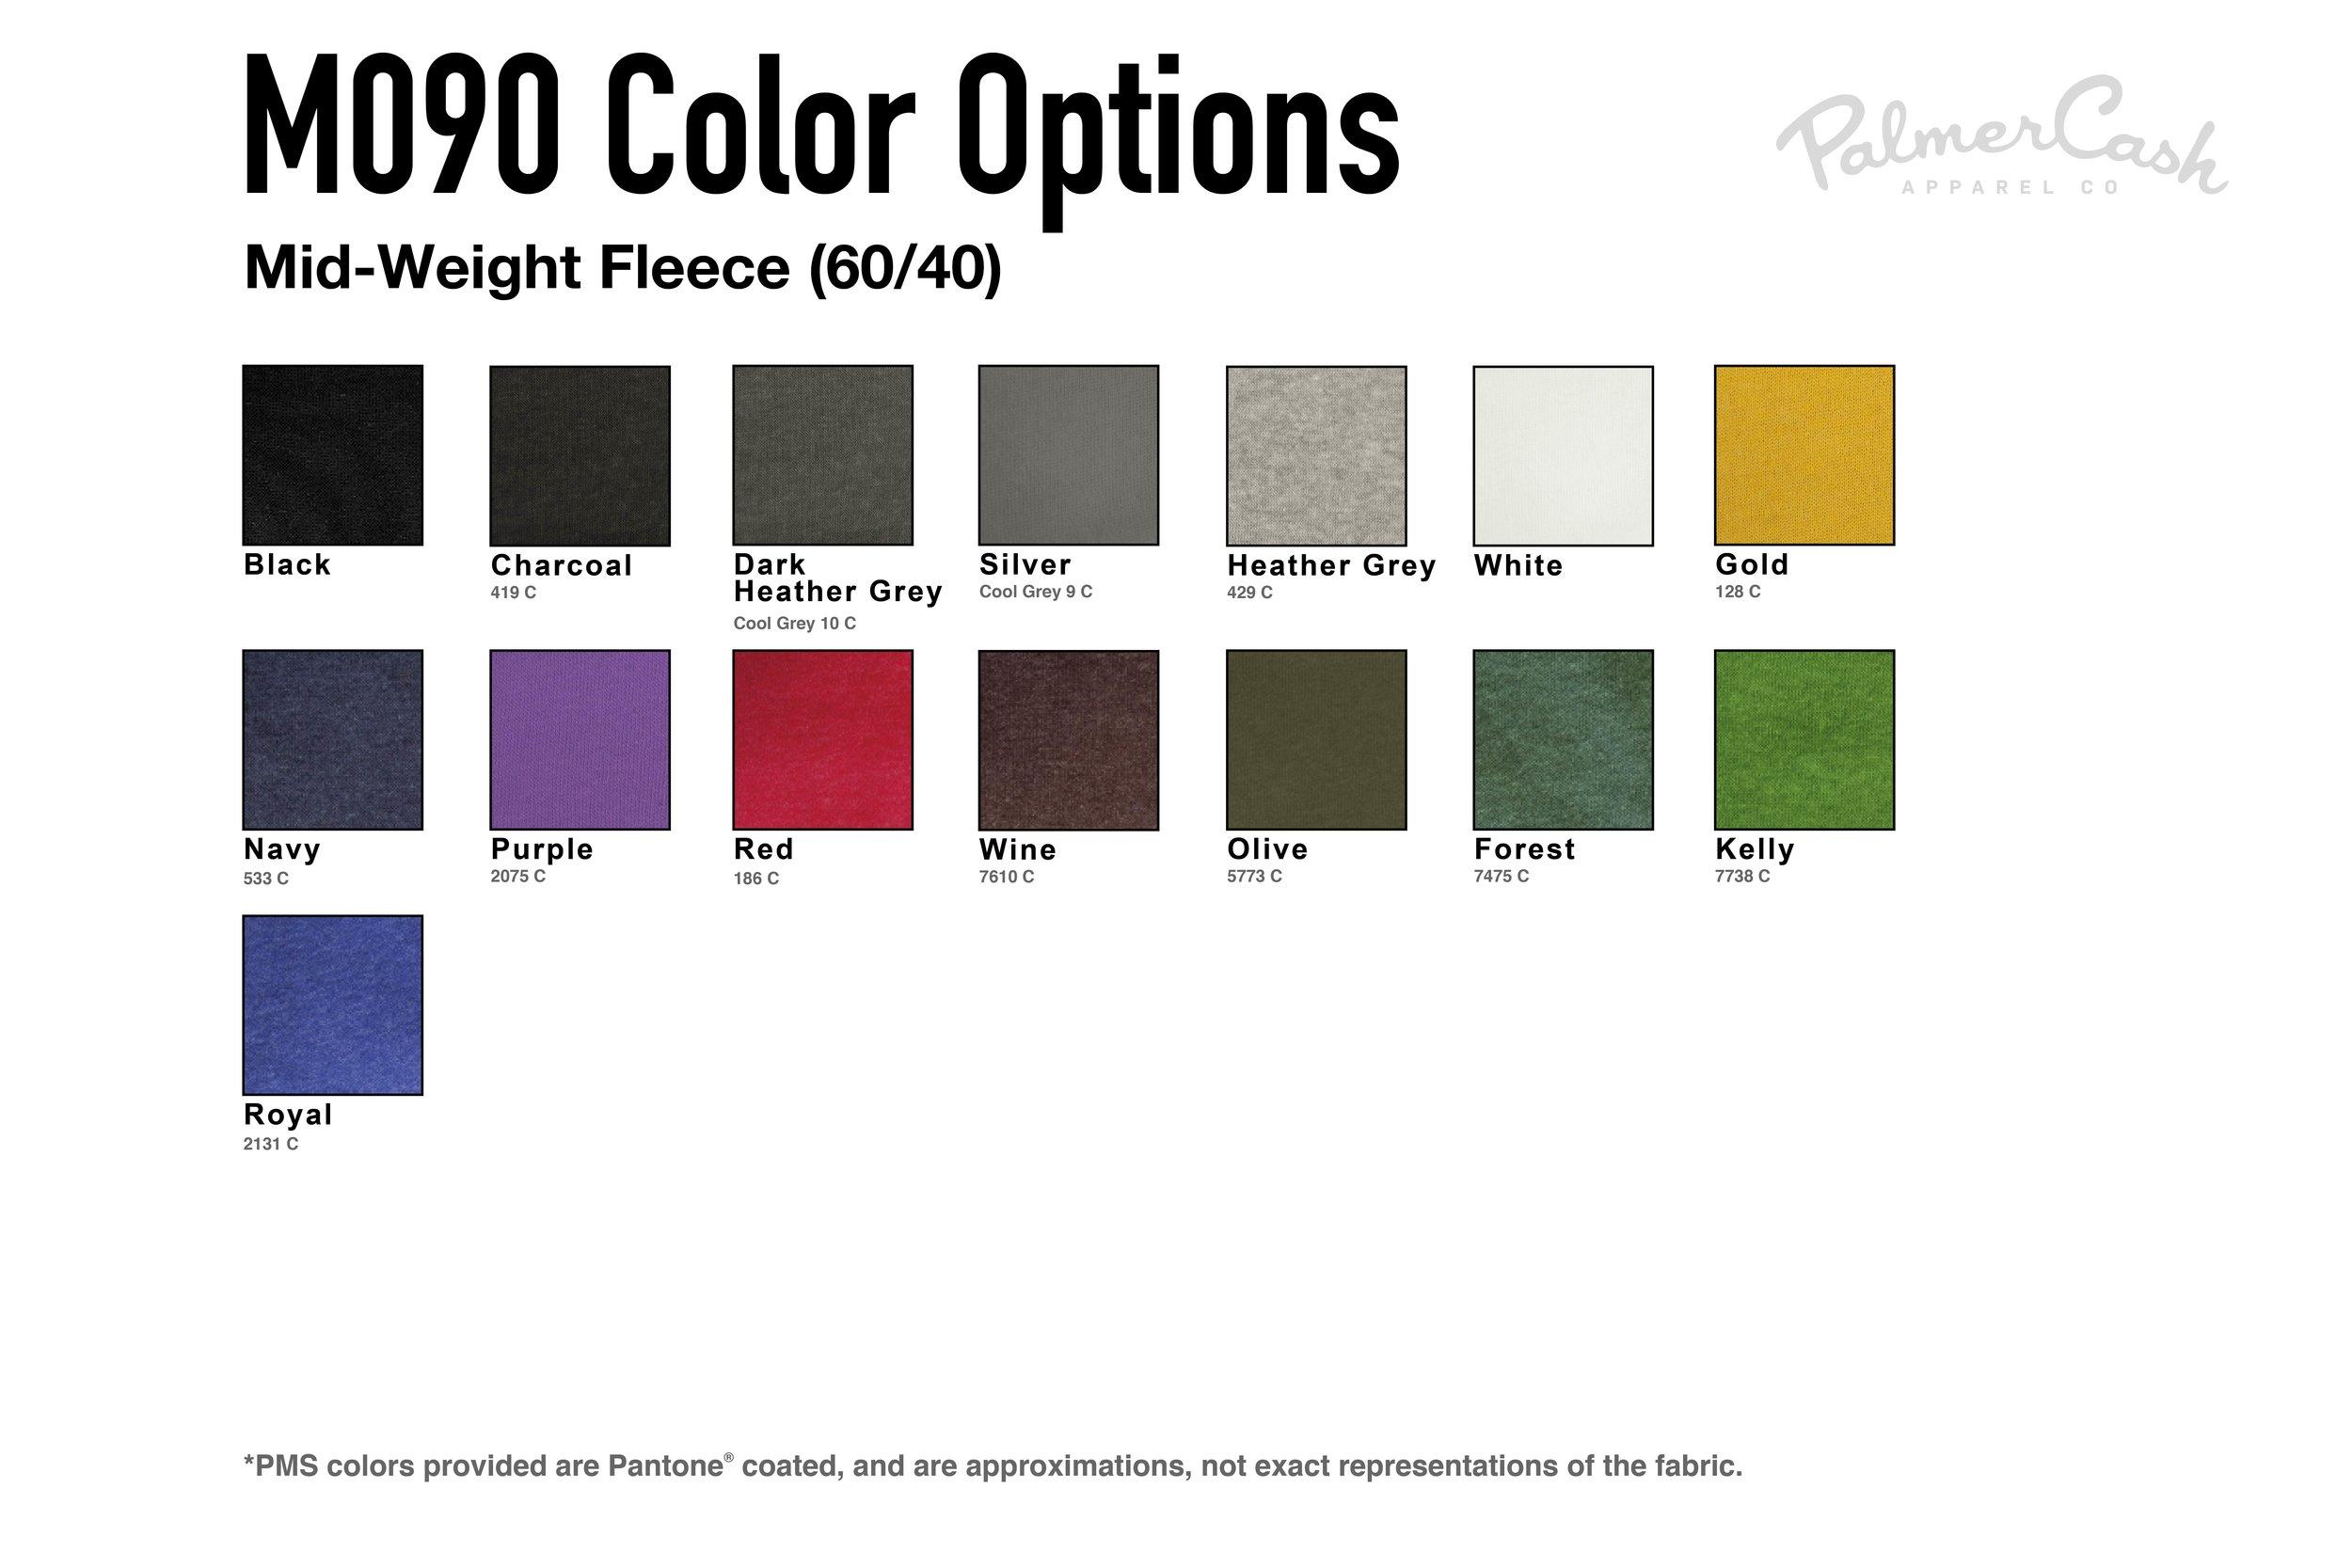 PC_M090_Color_Options_1-01.jpg